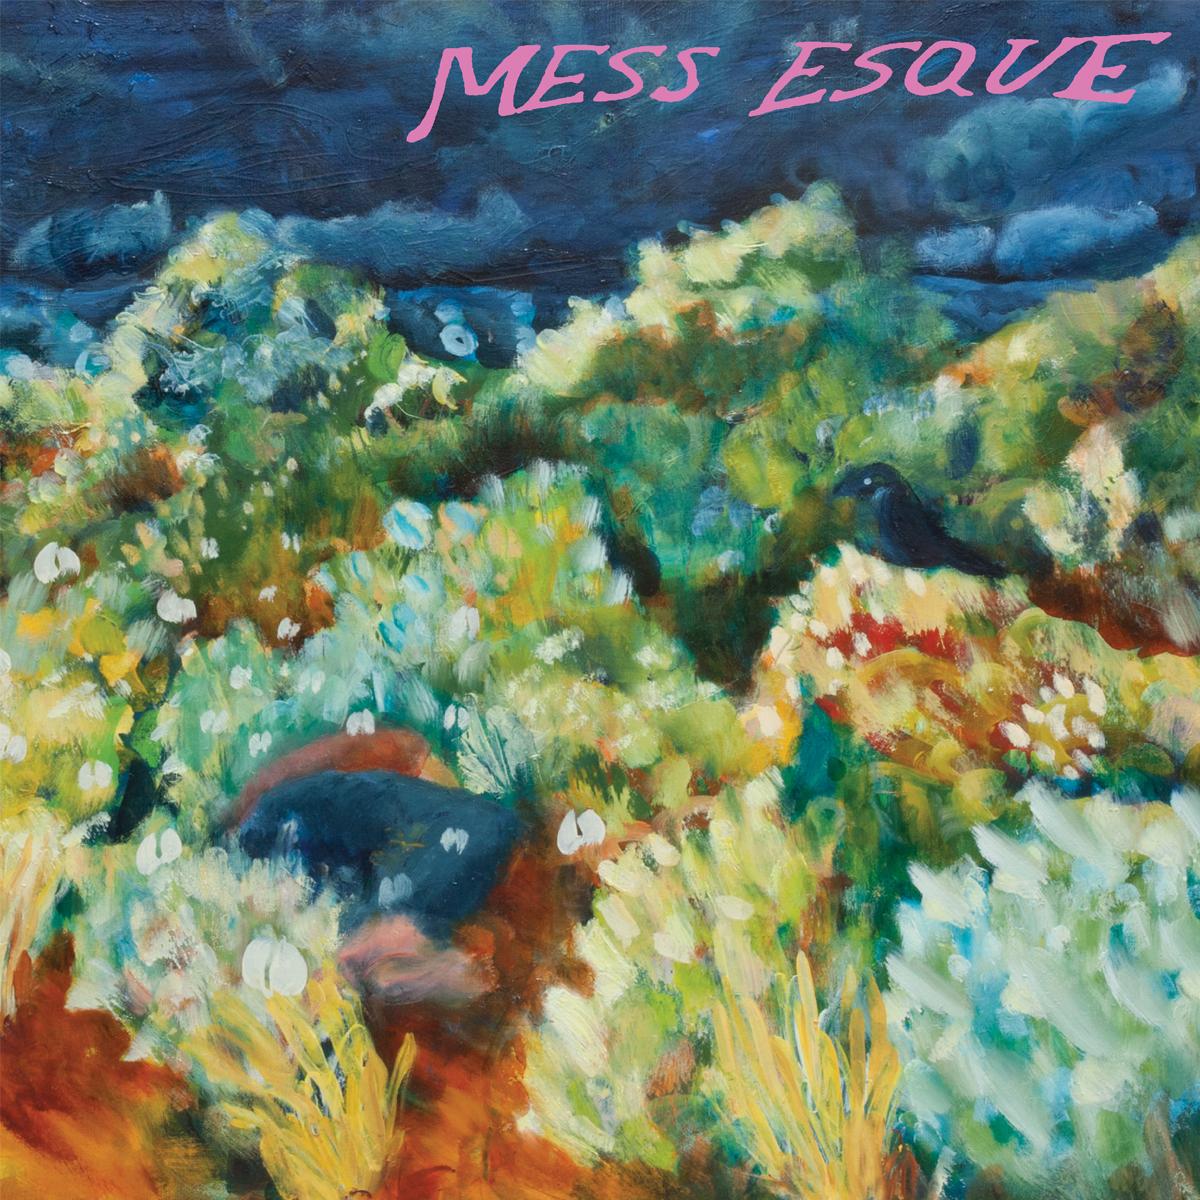 Mess Esque album